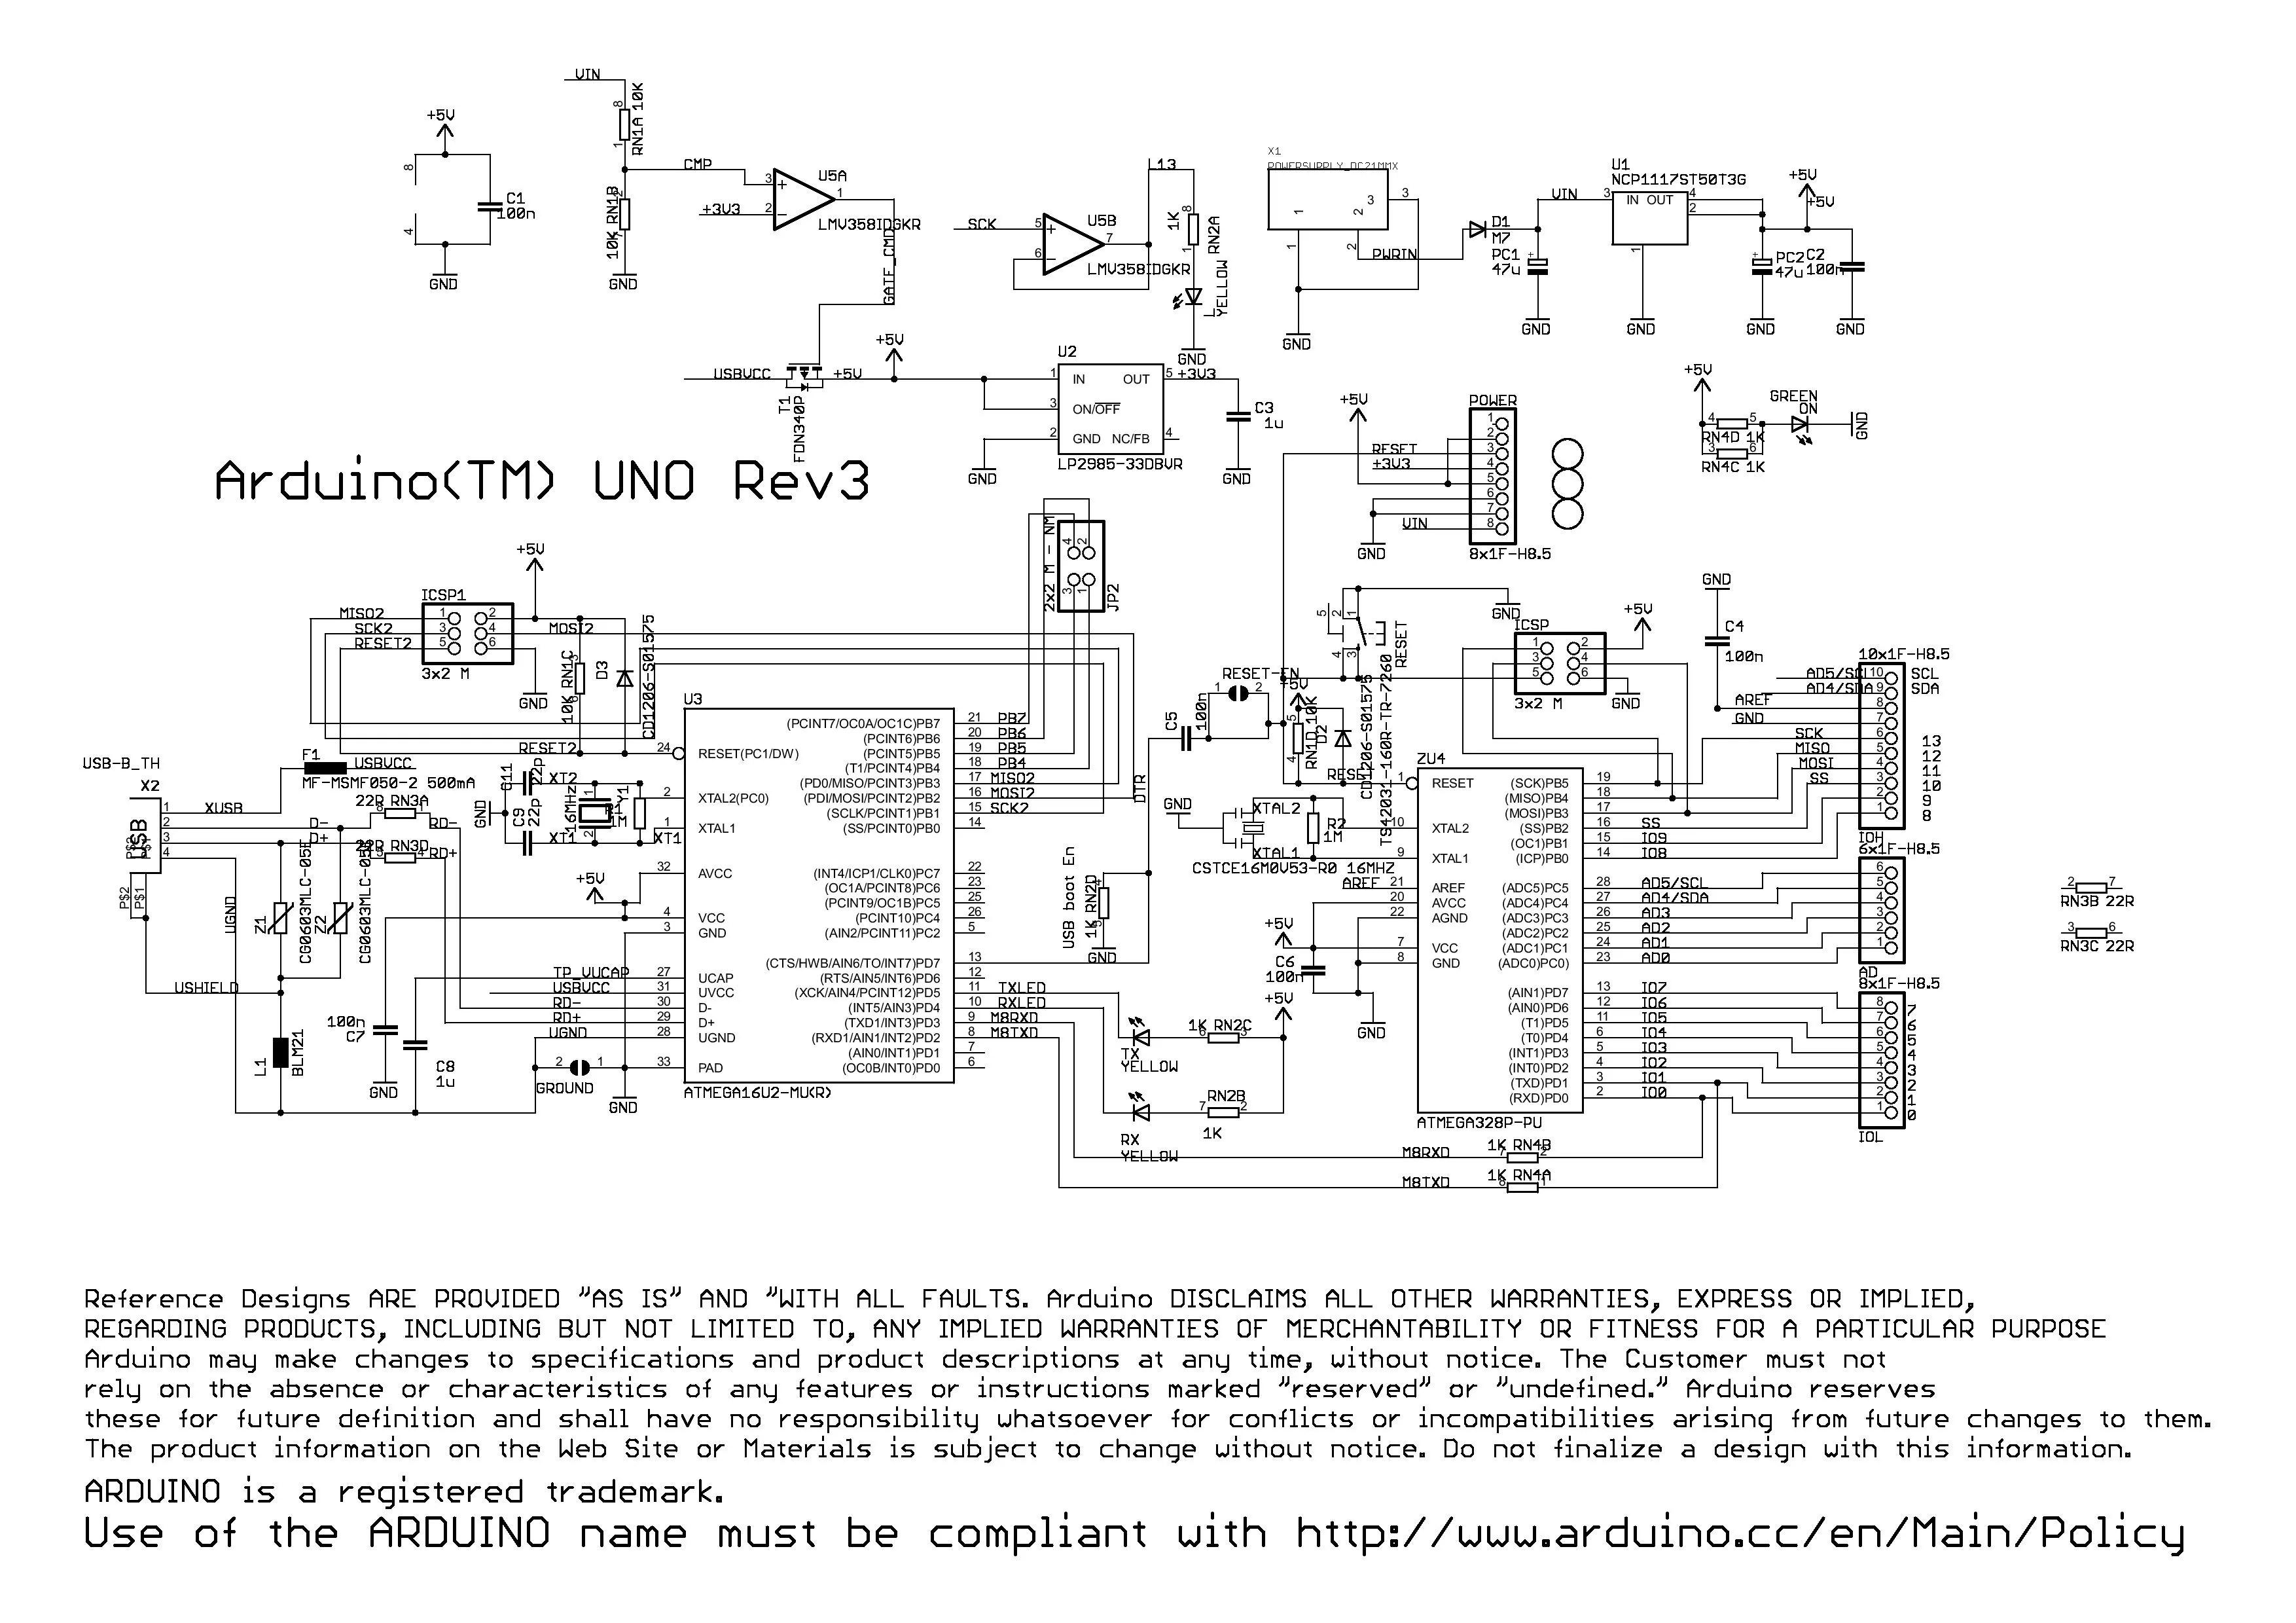 Arduino UNO Rev3 Schematic  Source: Arduinocc | Simply